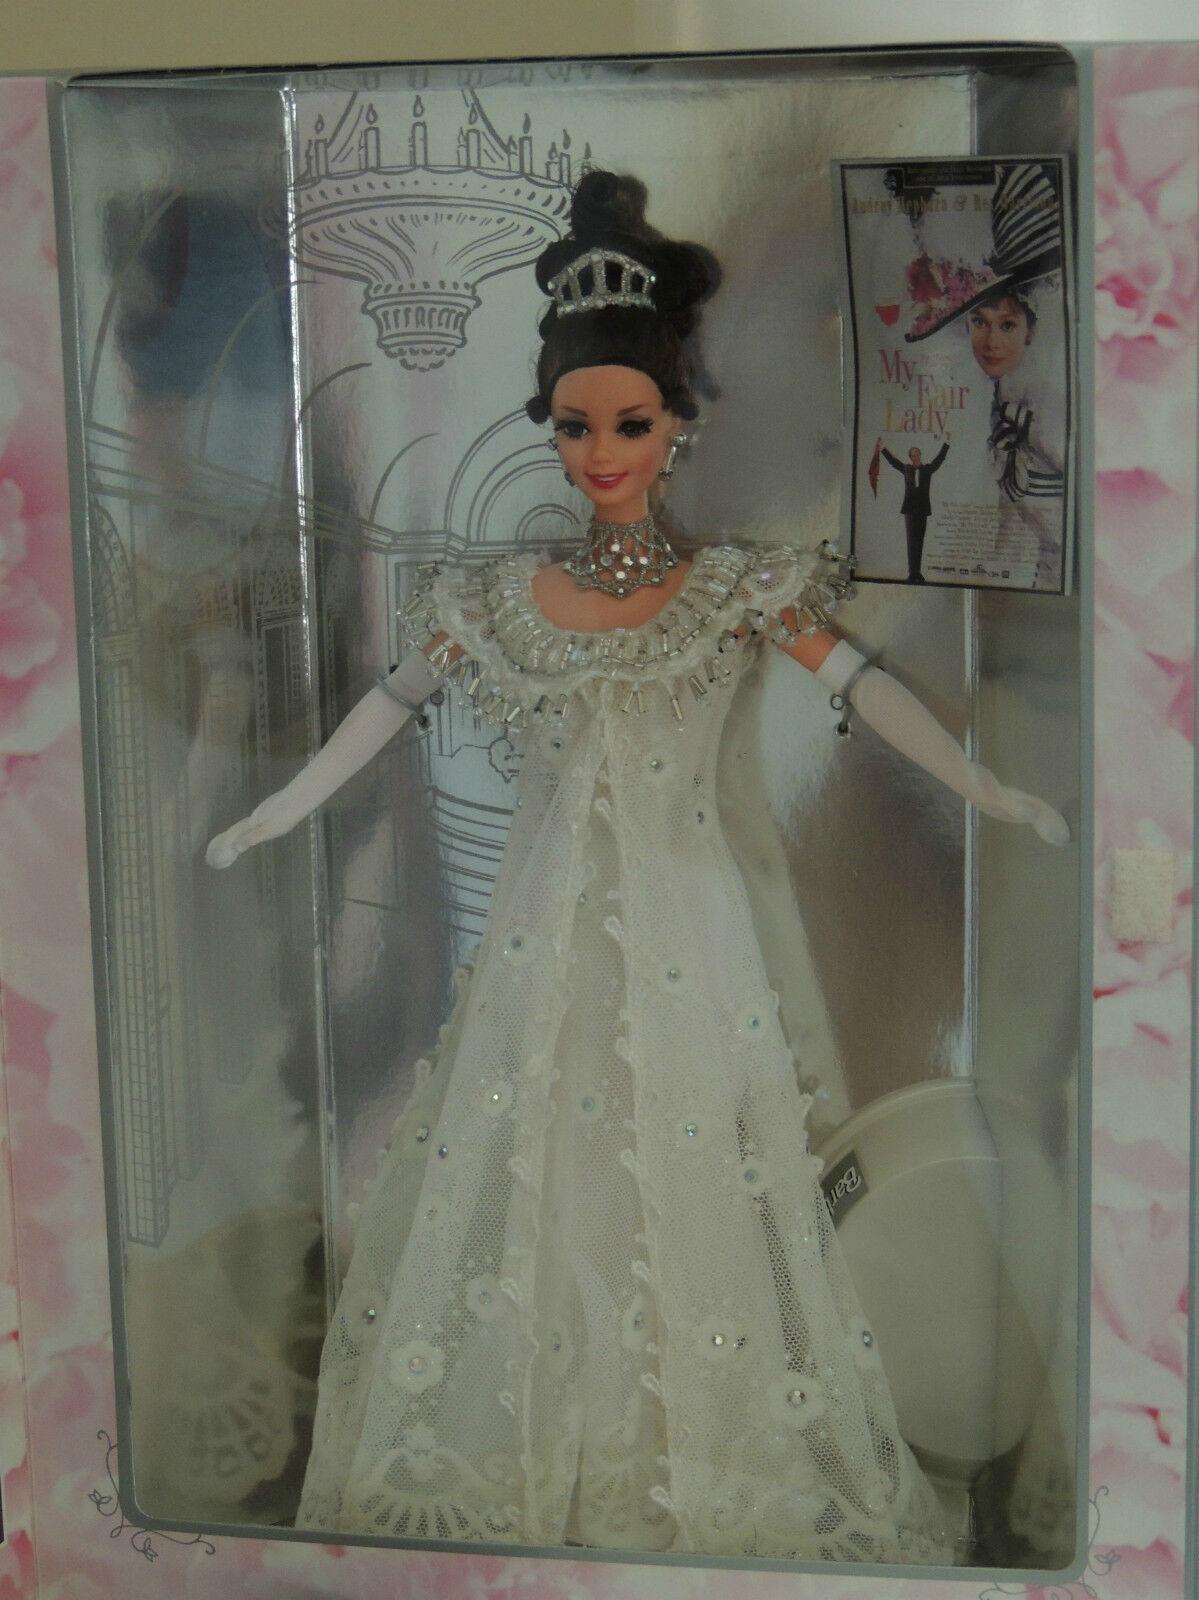 Juego Completo De My Fair Lady 5 Muñecas Barbie De 1995 cajas nunca quitada de